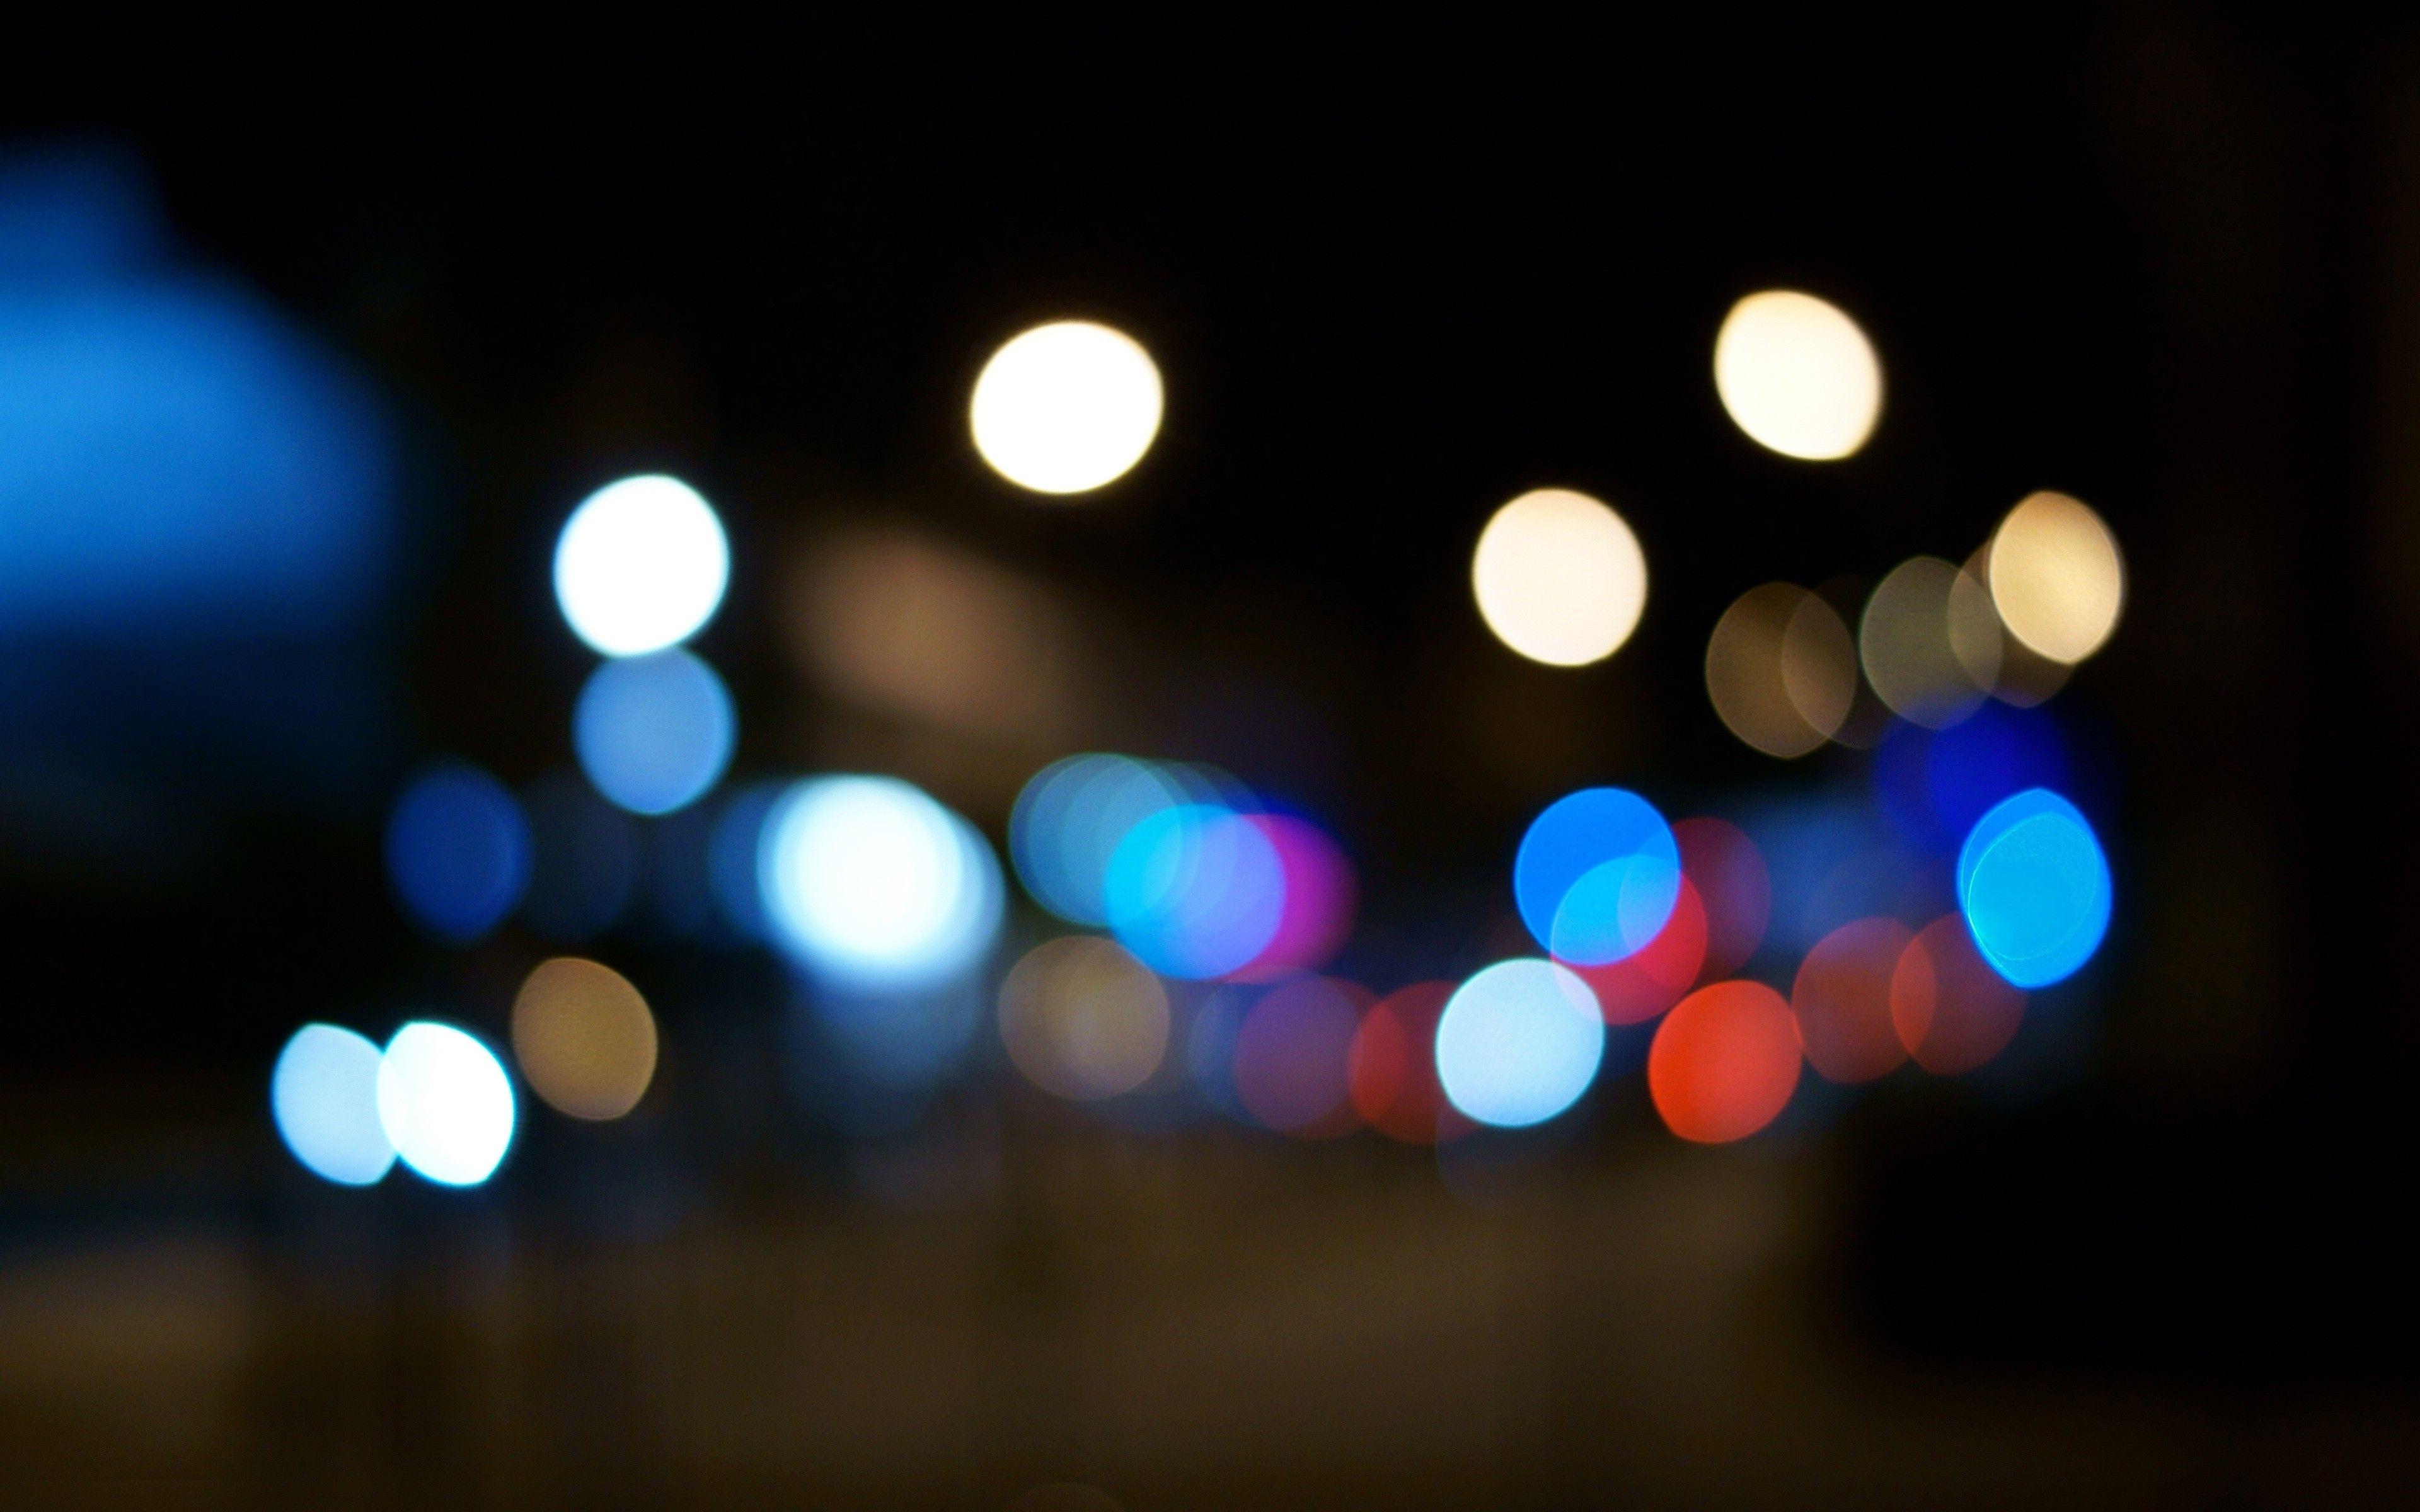 City Light Backgrounds Group (60+)